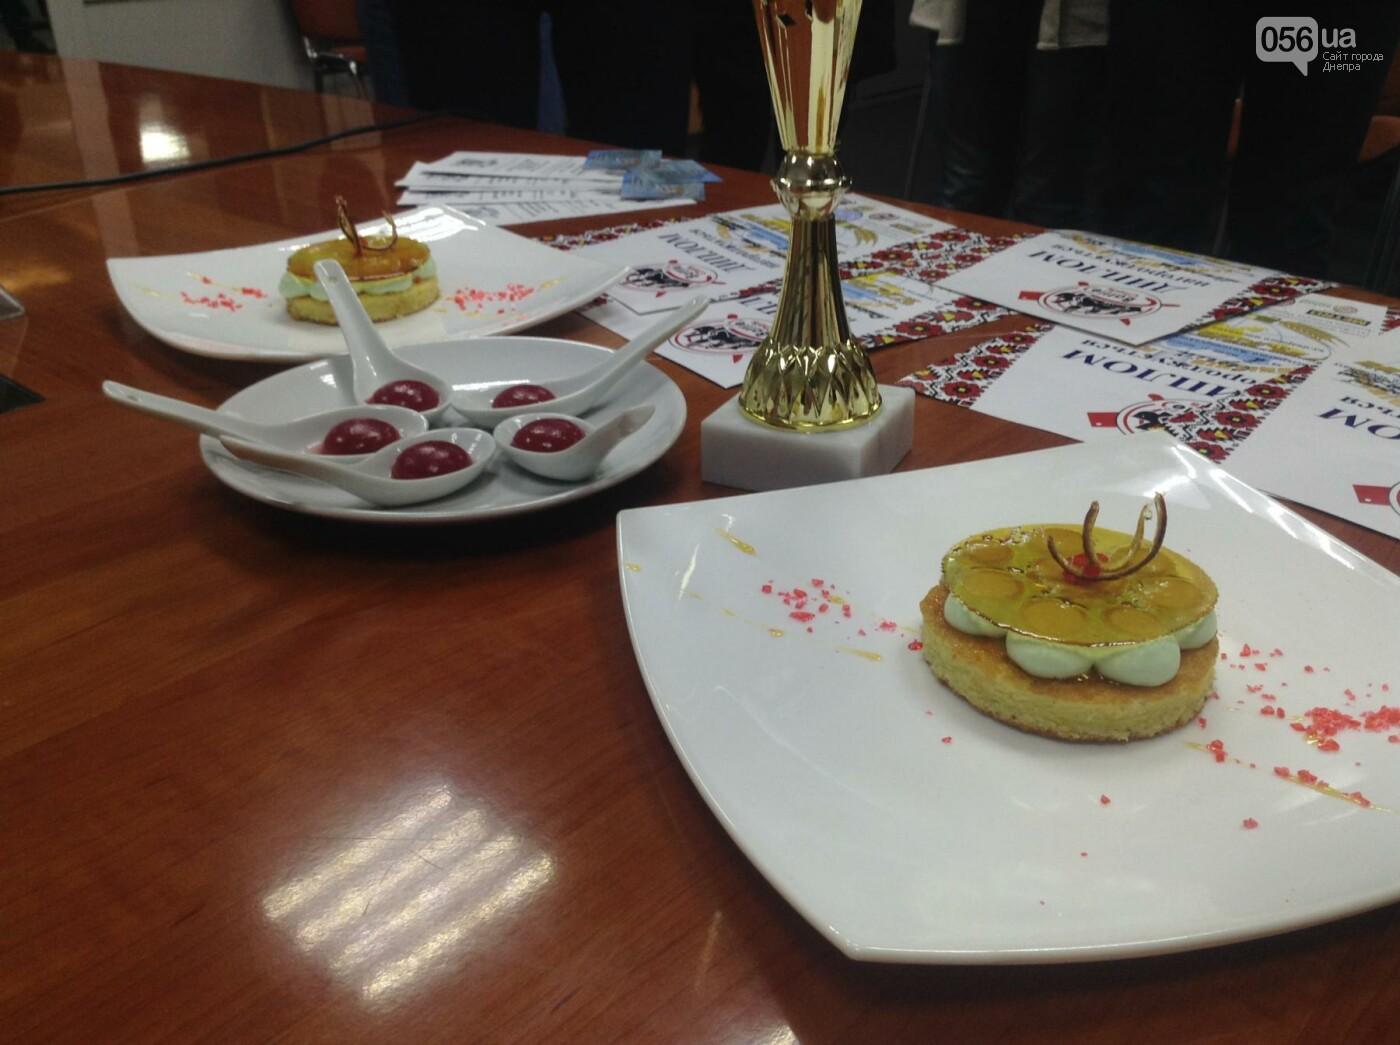 Днепровские студенты стали победителями конкурса поваров молекулярной кухни (ФОТО), фото-1